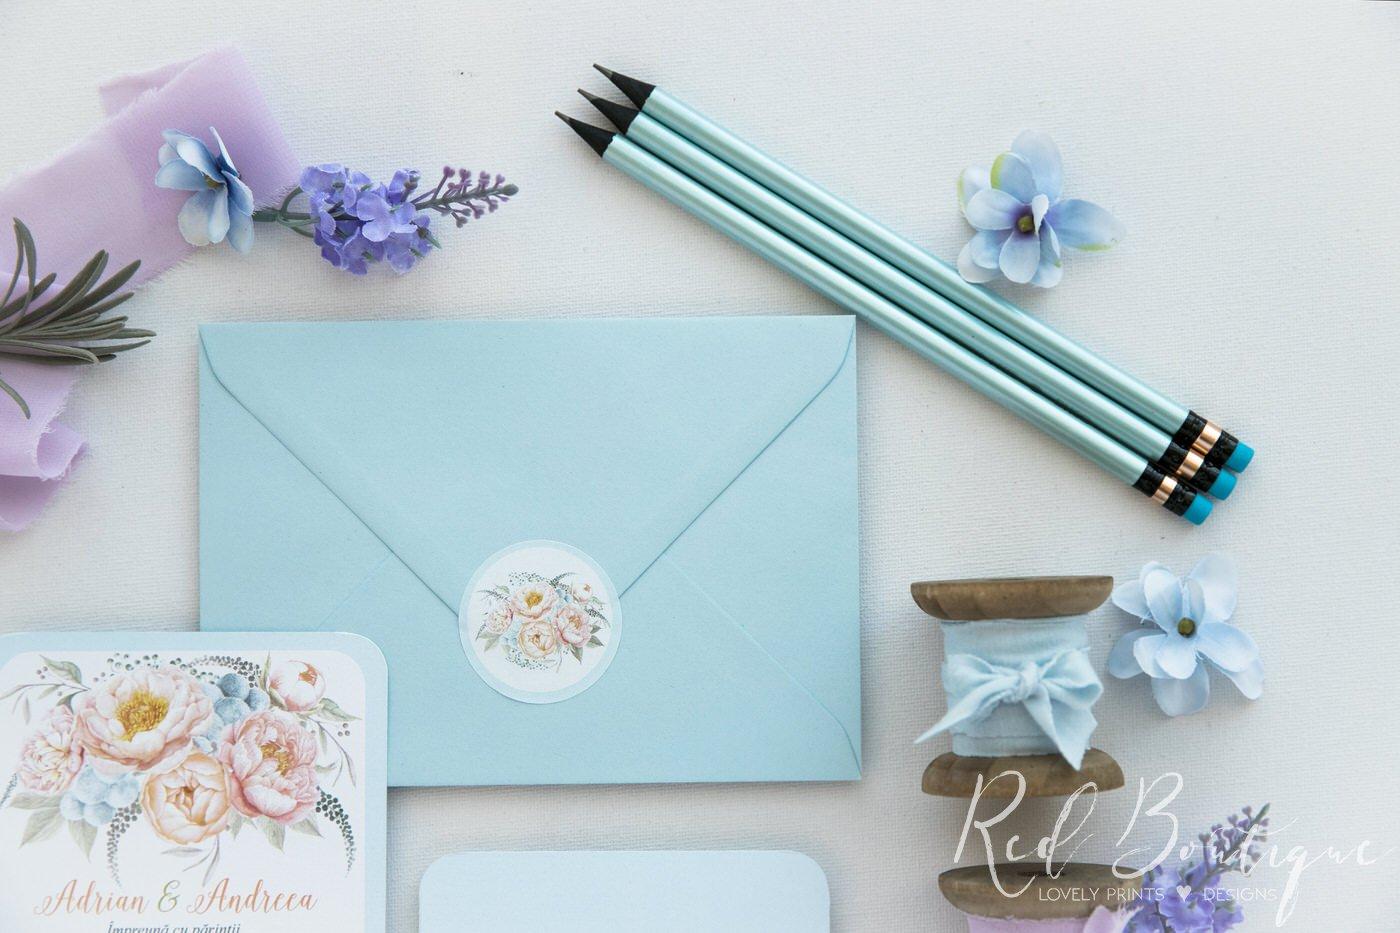 invitatie de nunta postcard cu albastru deschis si aranjament floral